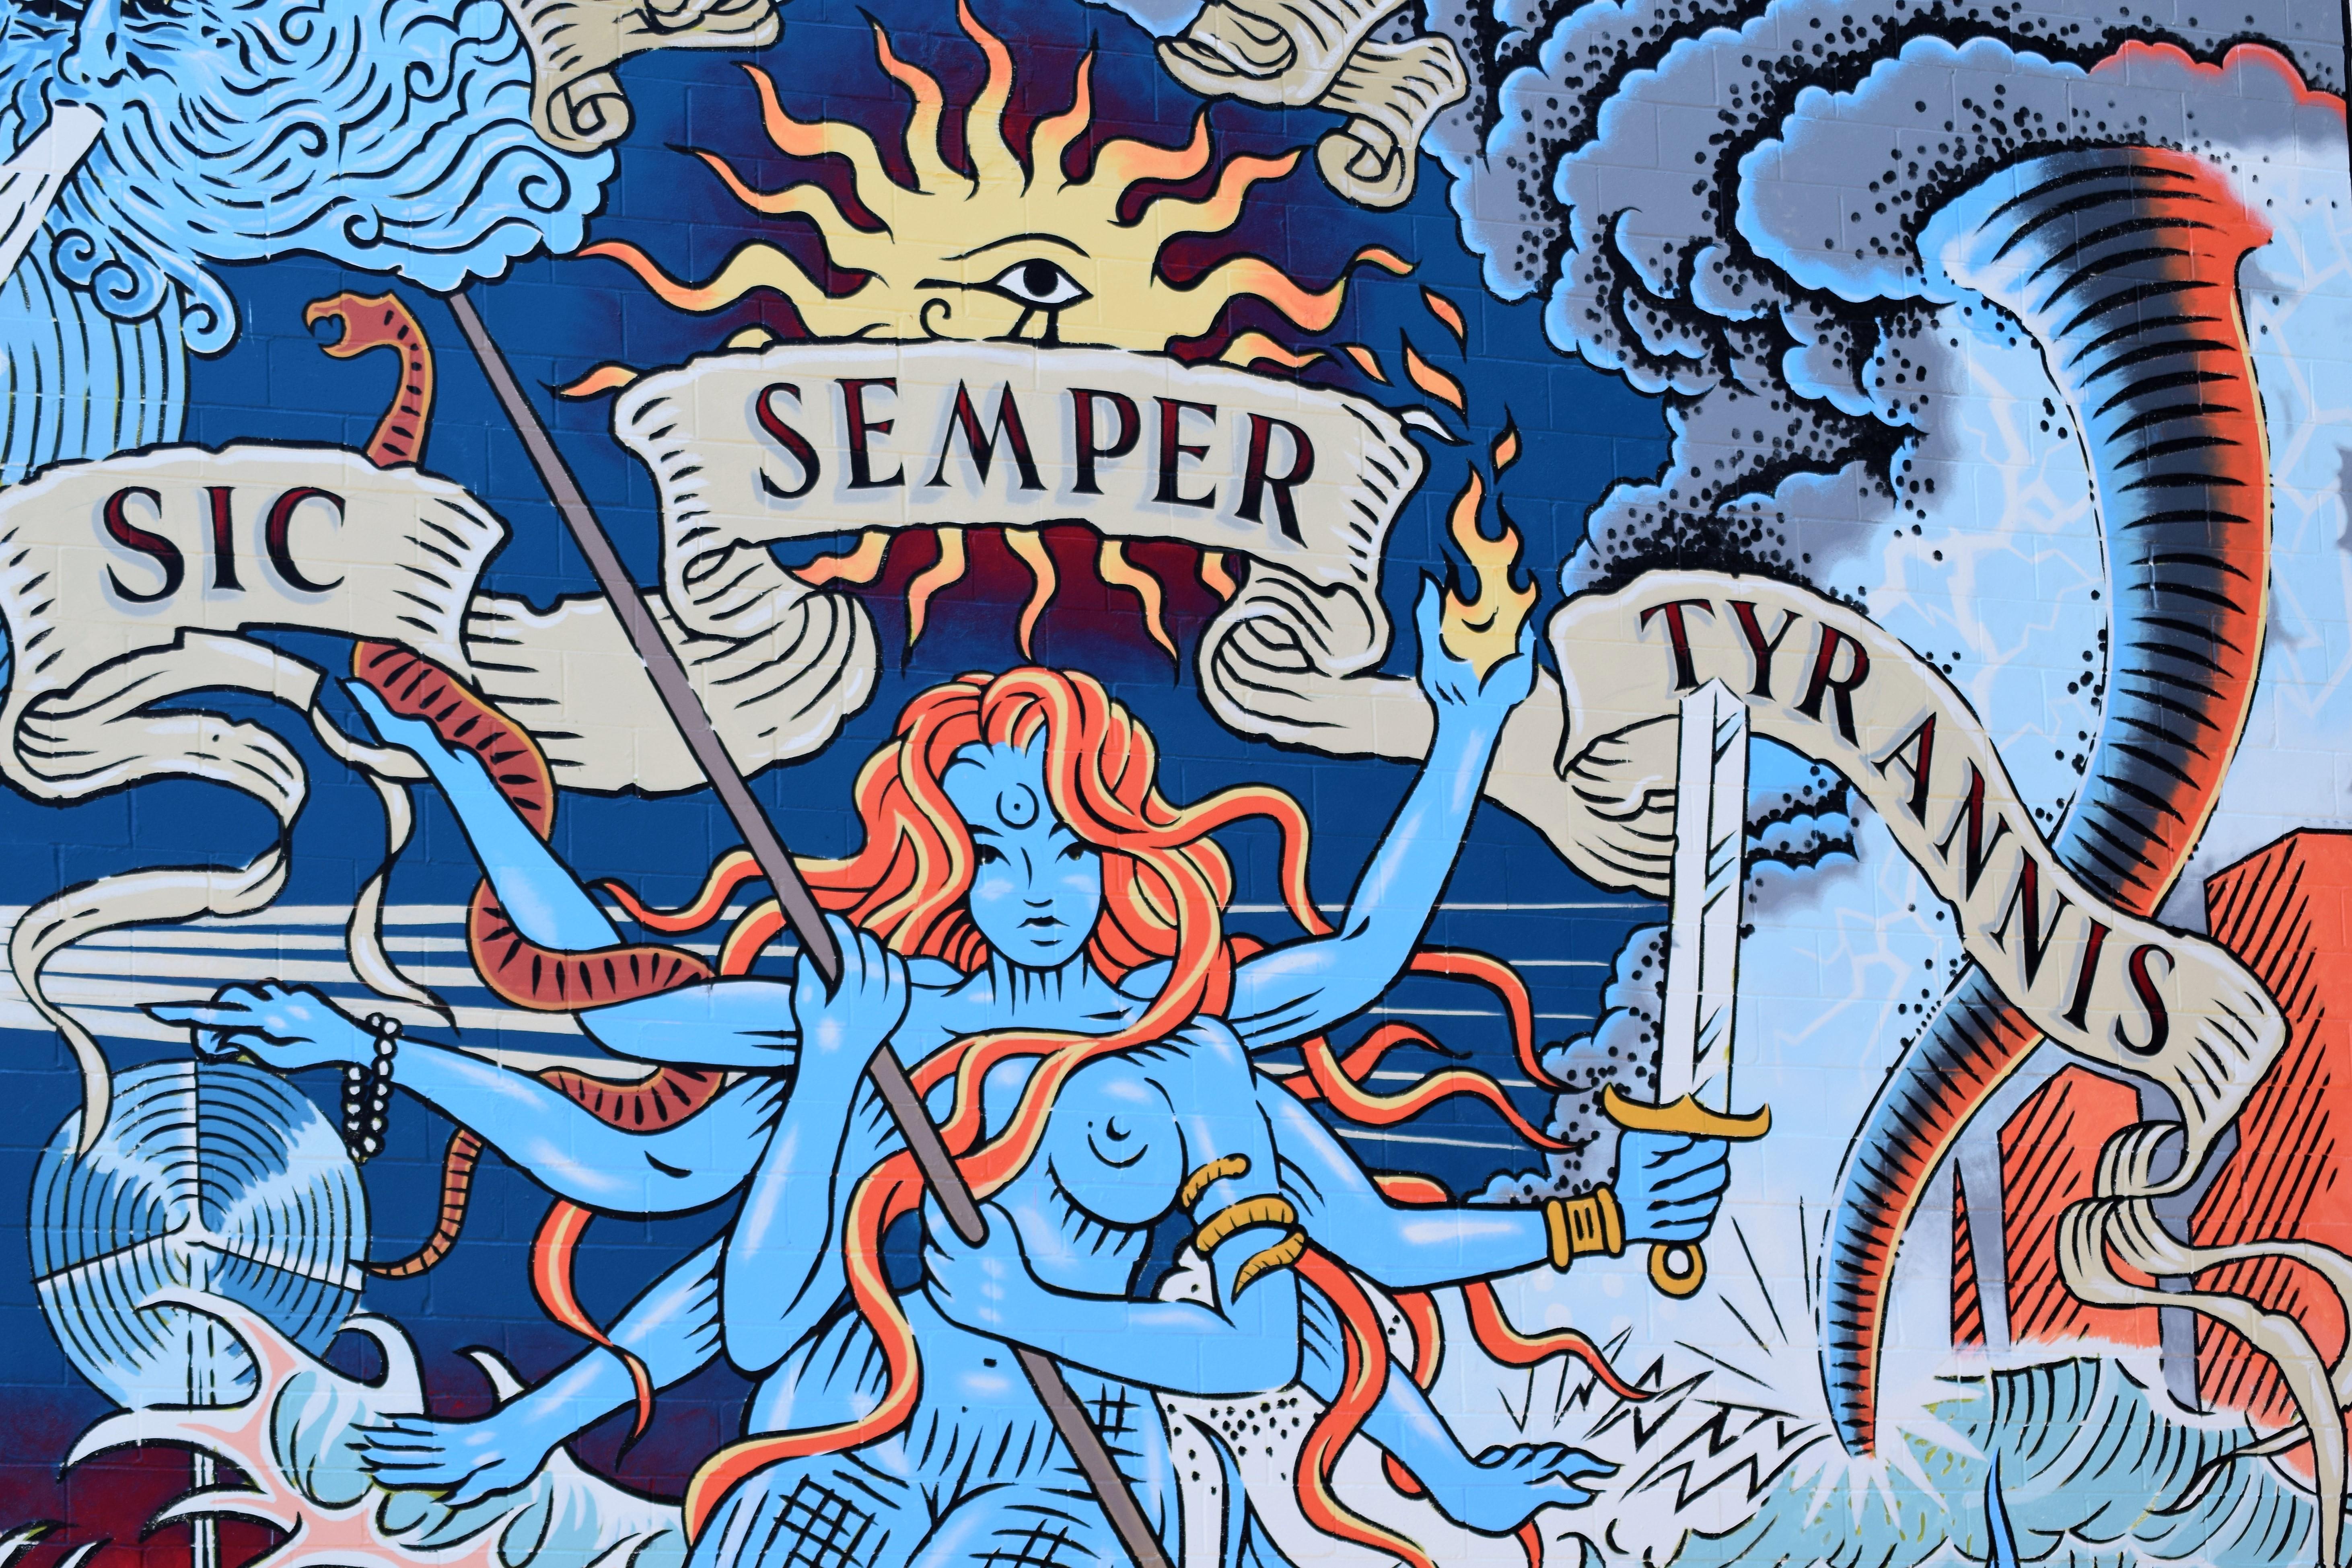 Virginia is for [Mural] Lovers - 1701 - Virginia Beach Coworking in